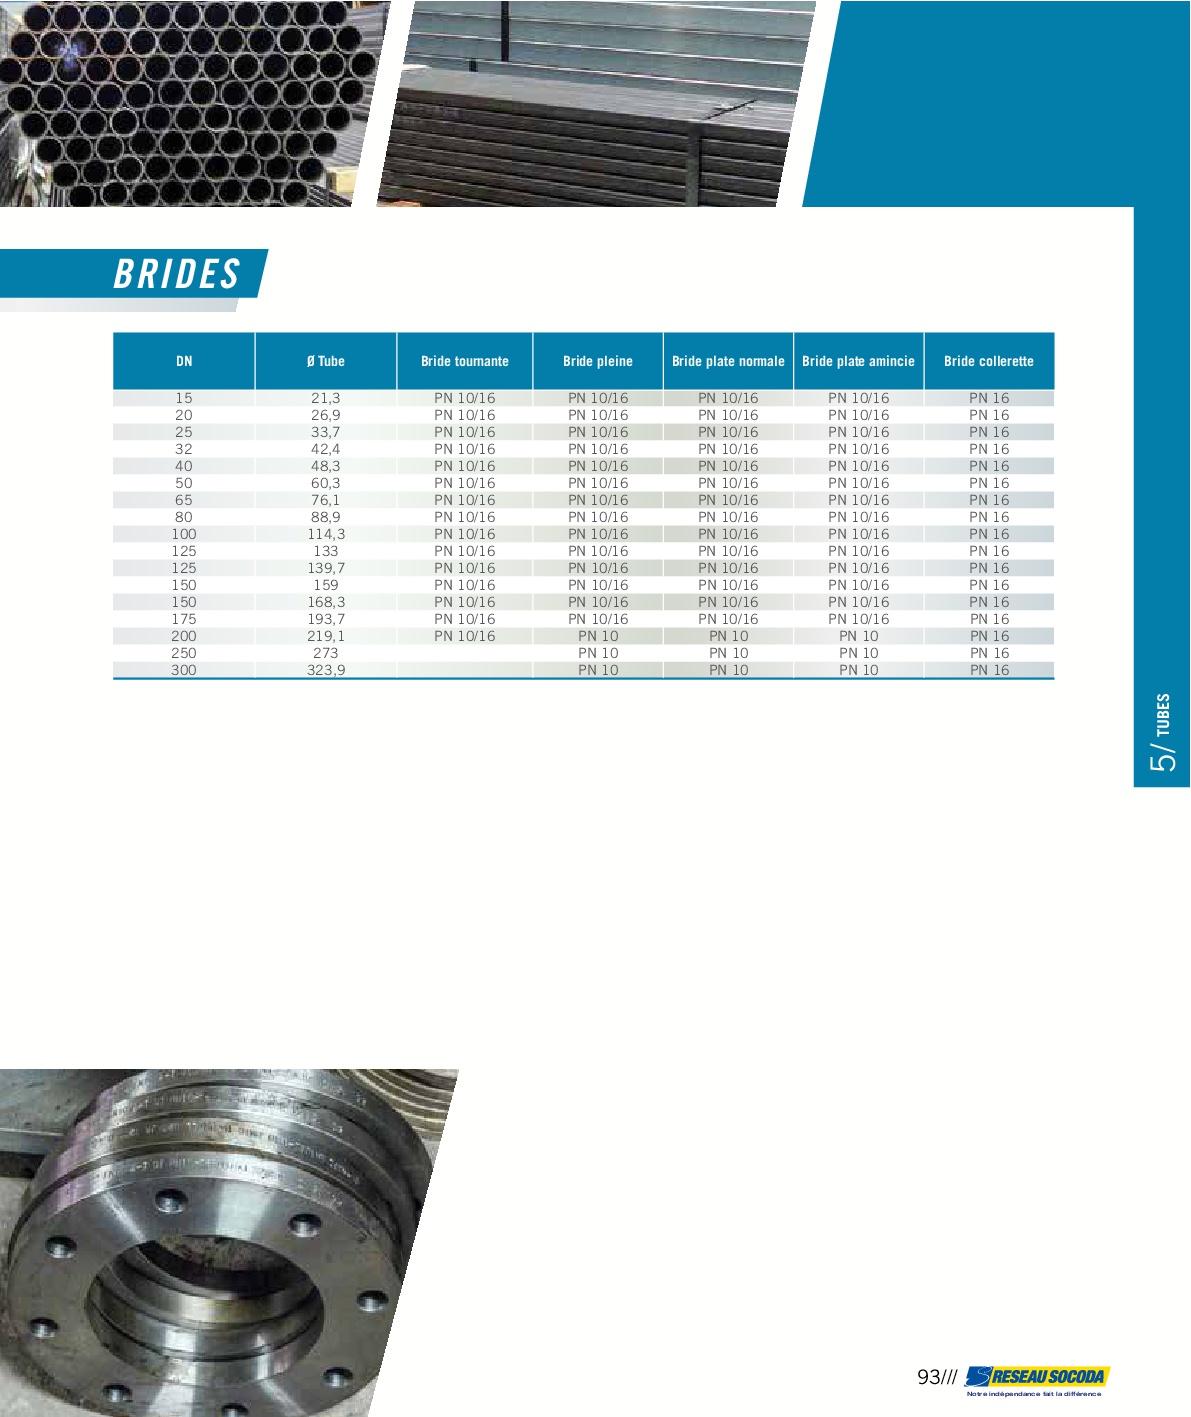 catalogue-093